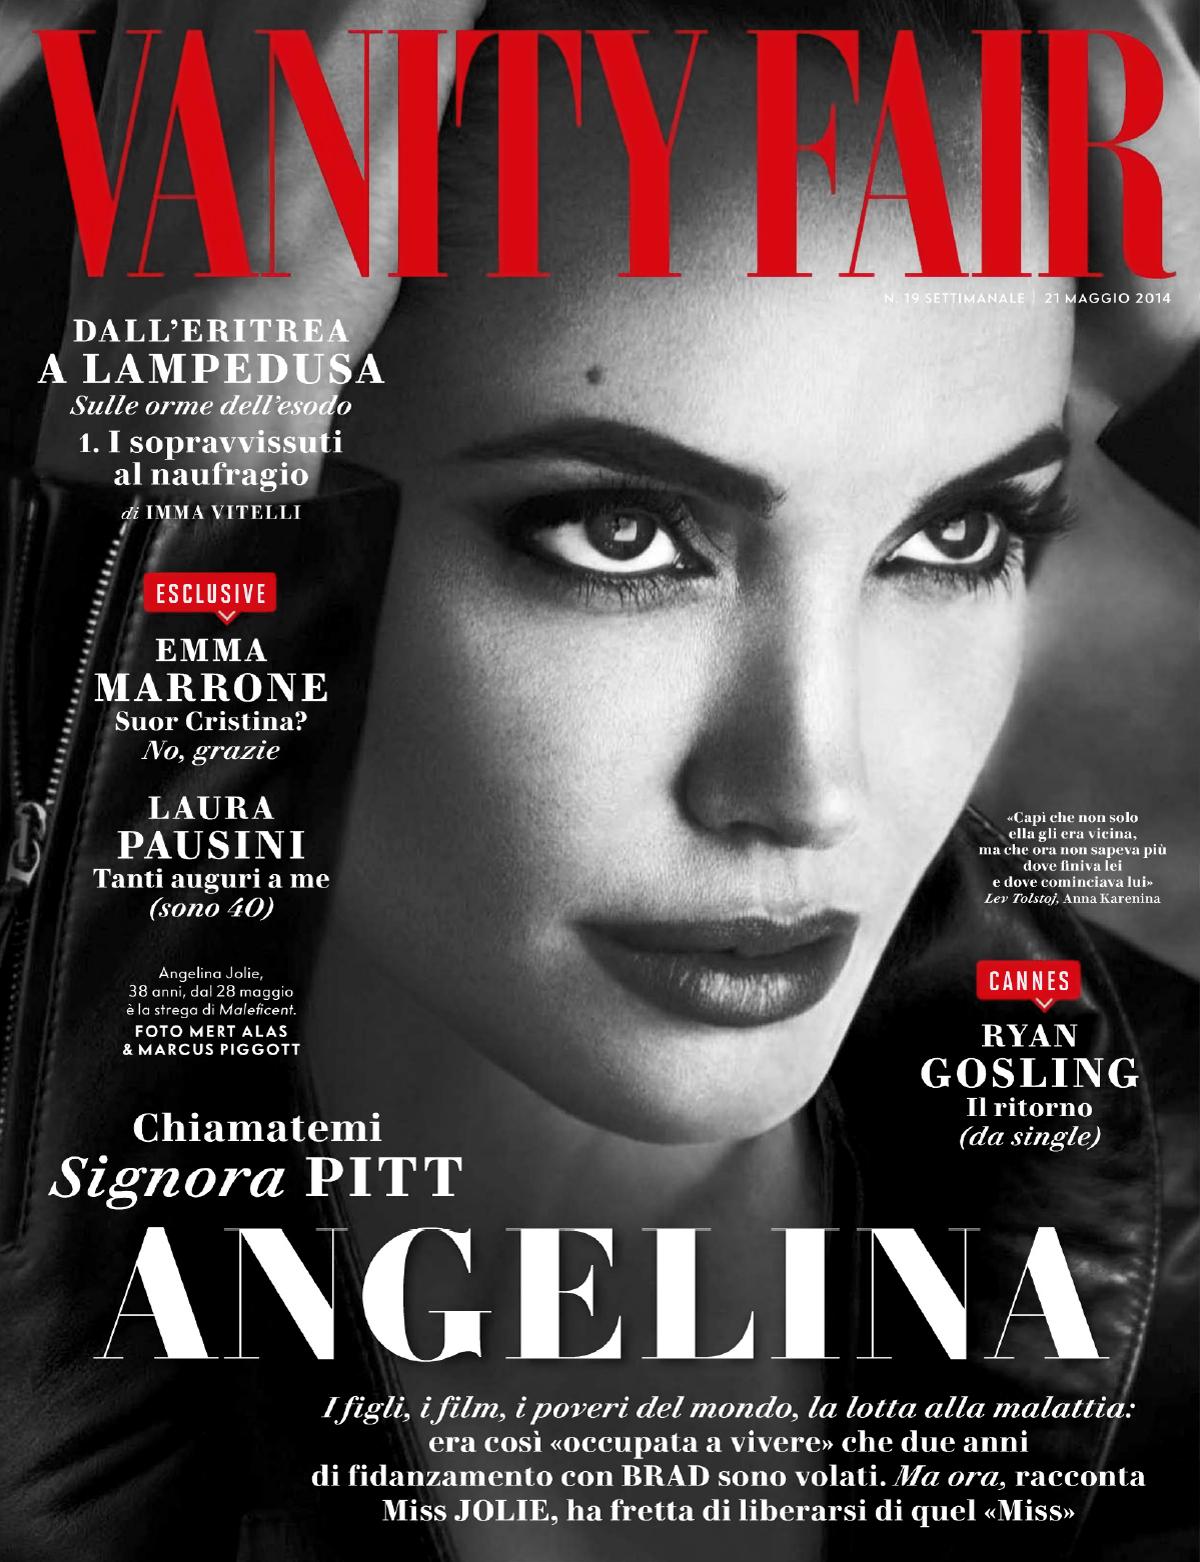 ��� ������� ���� ��� ���� Vanit Fair ��������� ����� 2014